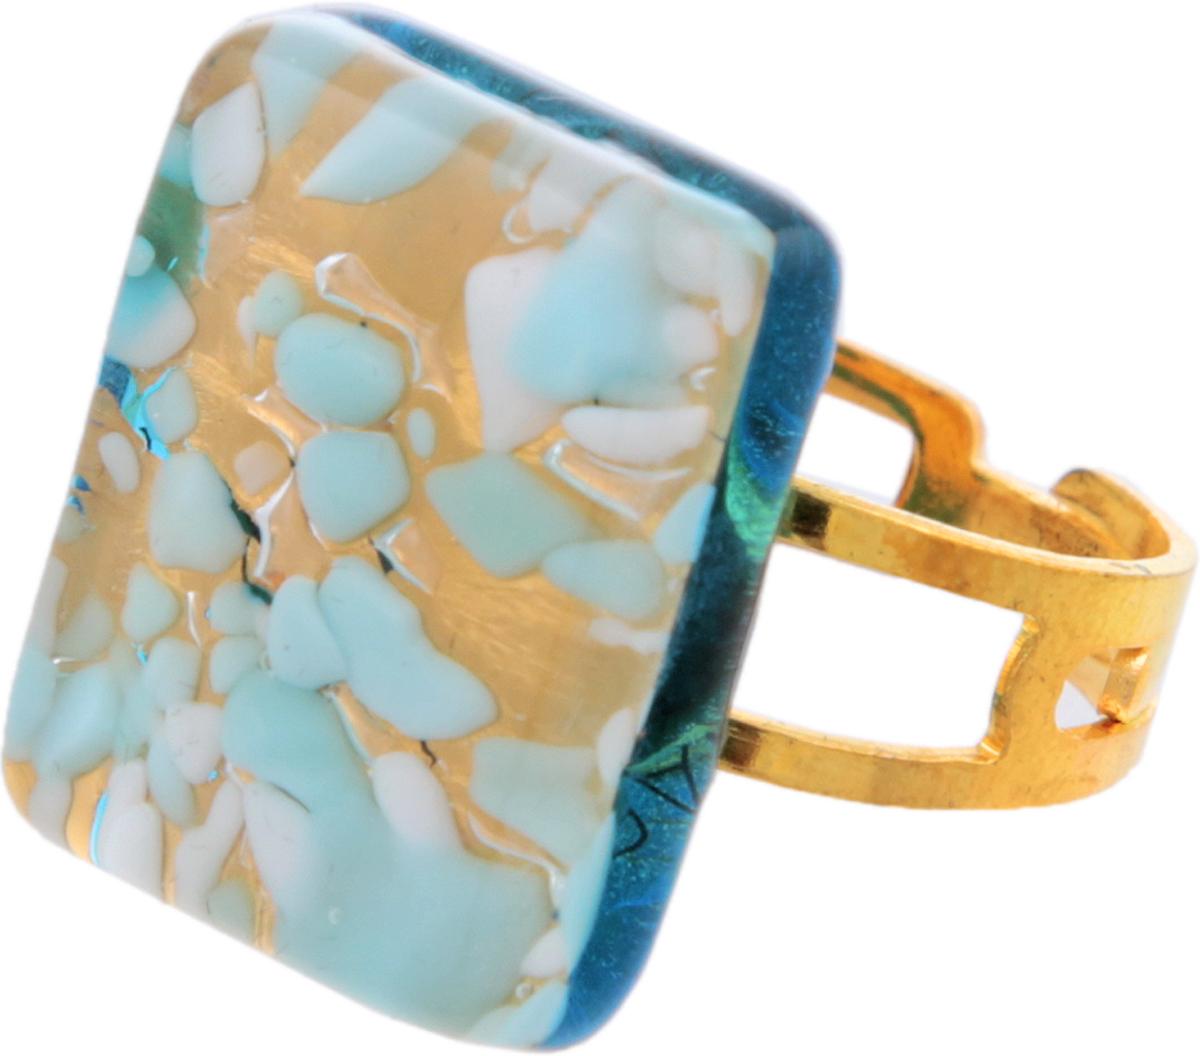 Кольцо коктейльное Шарм. Муранское стекло, бижутерный сплав золотого тона, ручная работа. Murano, Италия (Венеция)e064f090Кольцо коктейльное Шарм. Муранское стекло, бижутерный сплав золотого тона, ручная работа. Murano, Италия (Венеция). Размер регулируется. Каждое изделие из муранского стекла уникально и может незначительно отличаться от того, что вы видите на фотографии.